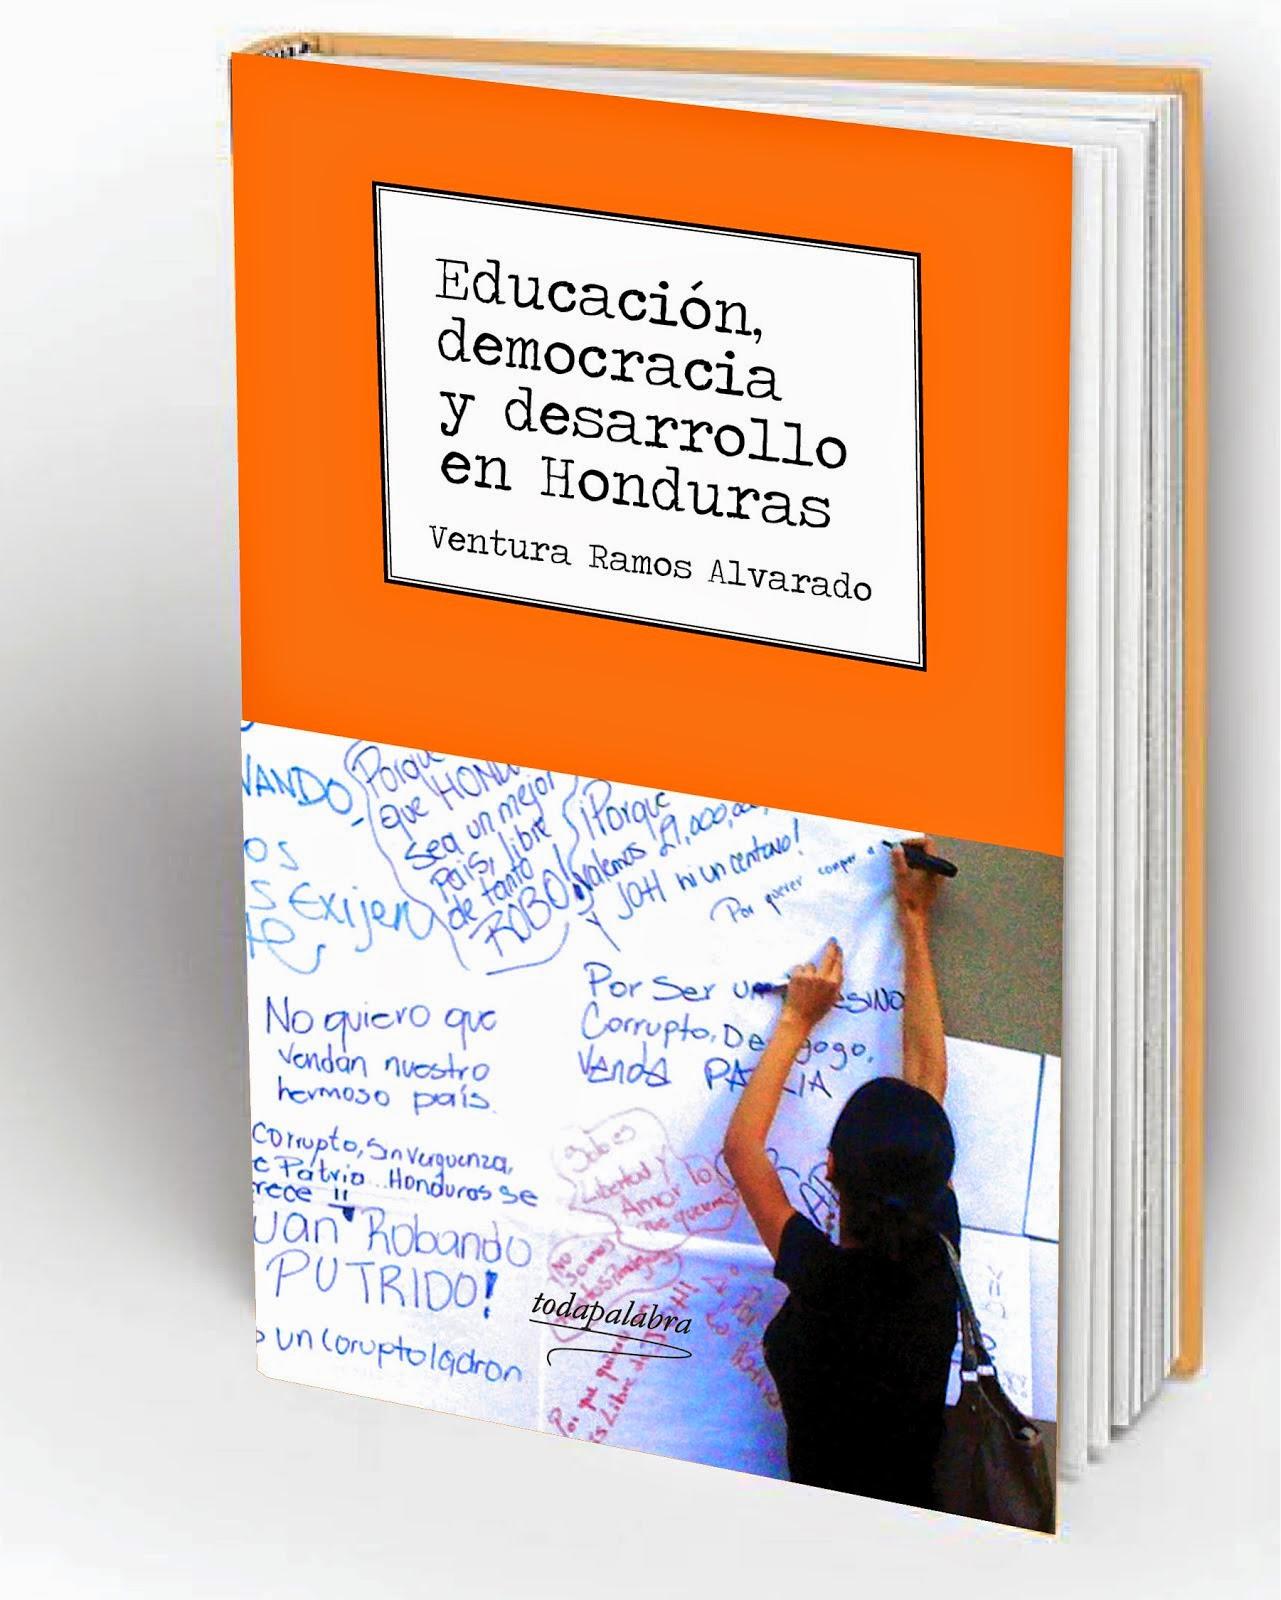 Educación, democracia y desarrollo en Honduras